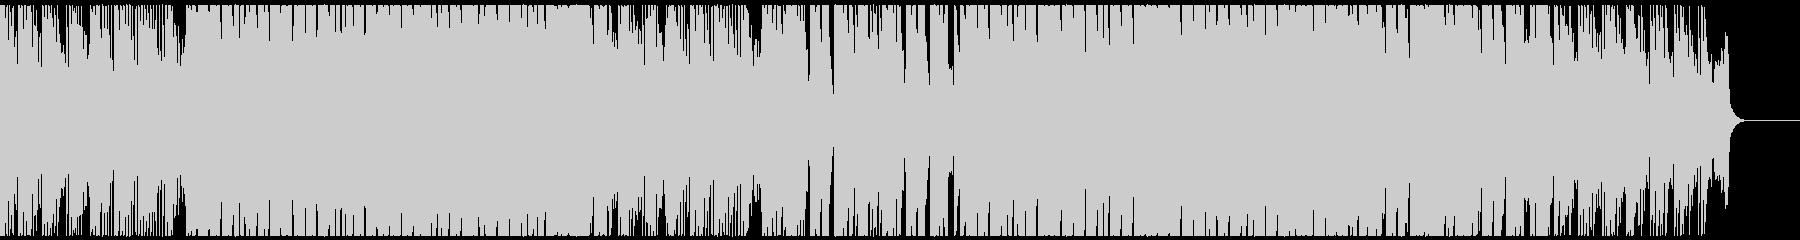 エモーショナルなシンセのEDMハウスの未再生の波形